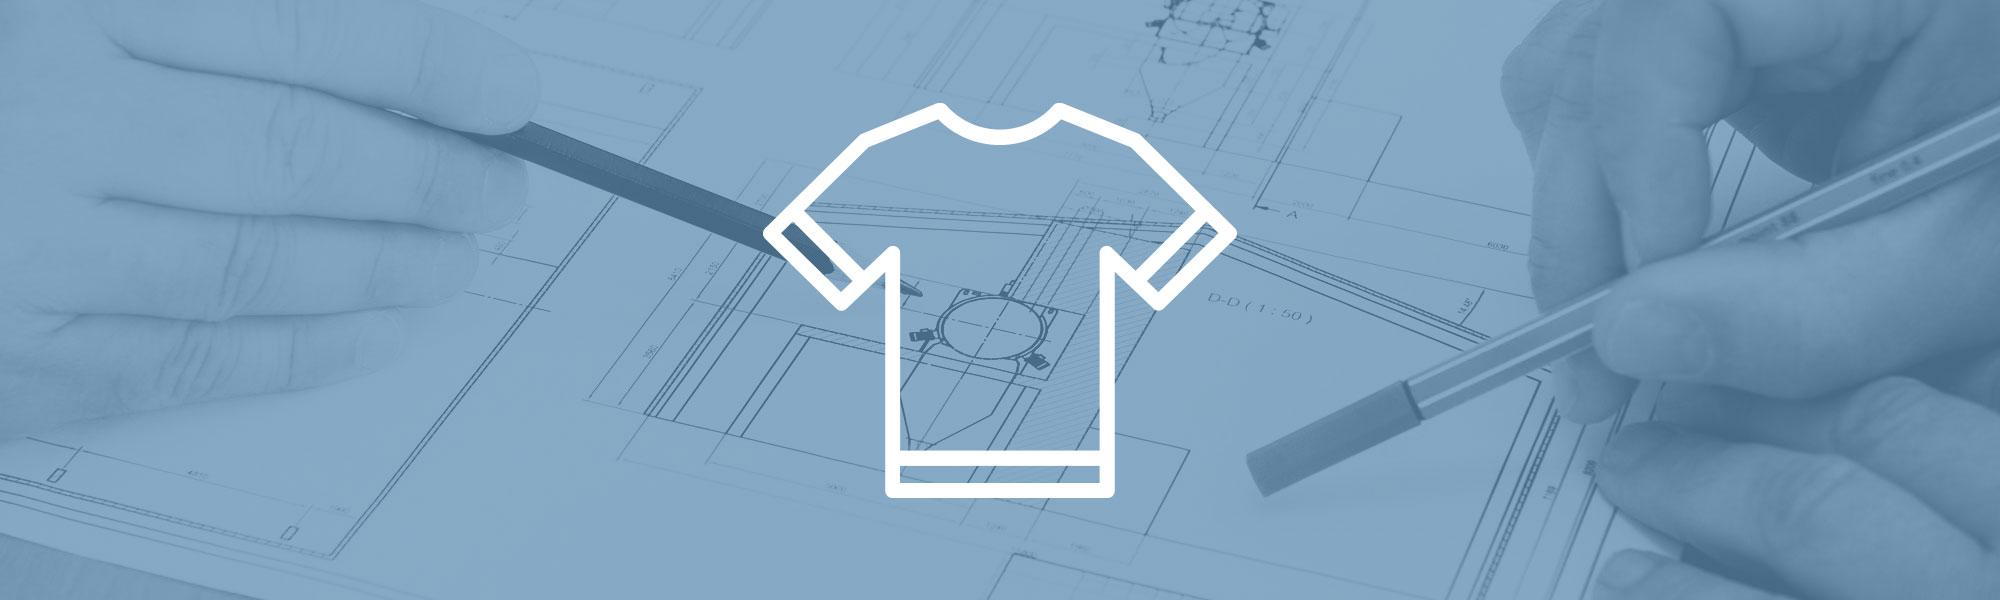 Textil - Wäscherei